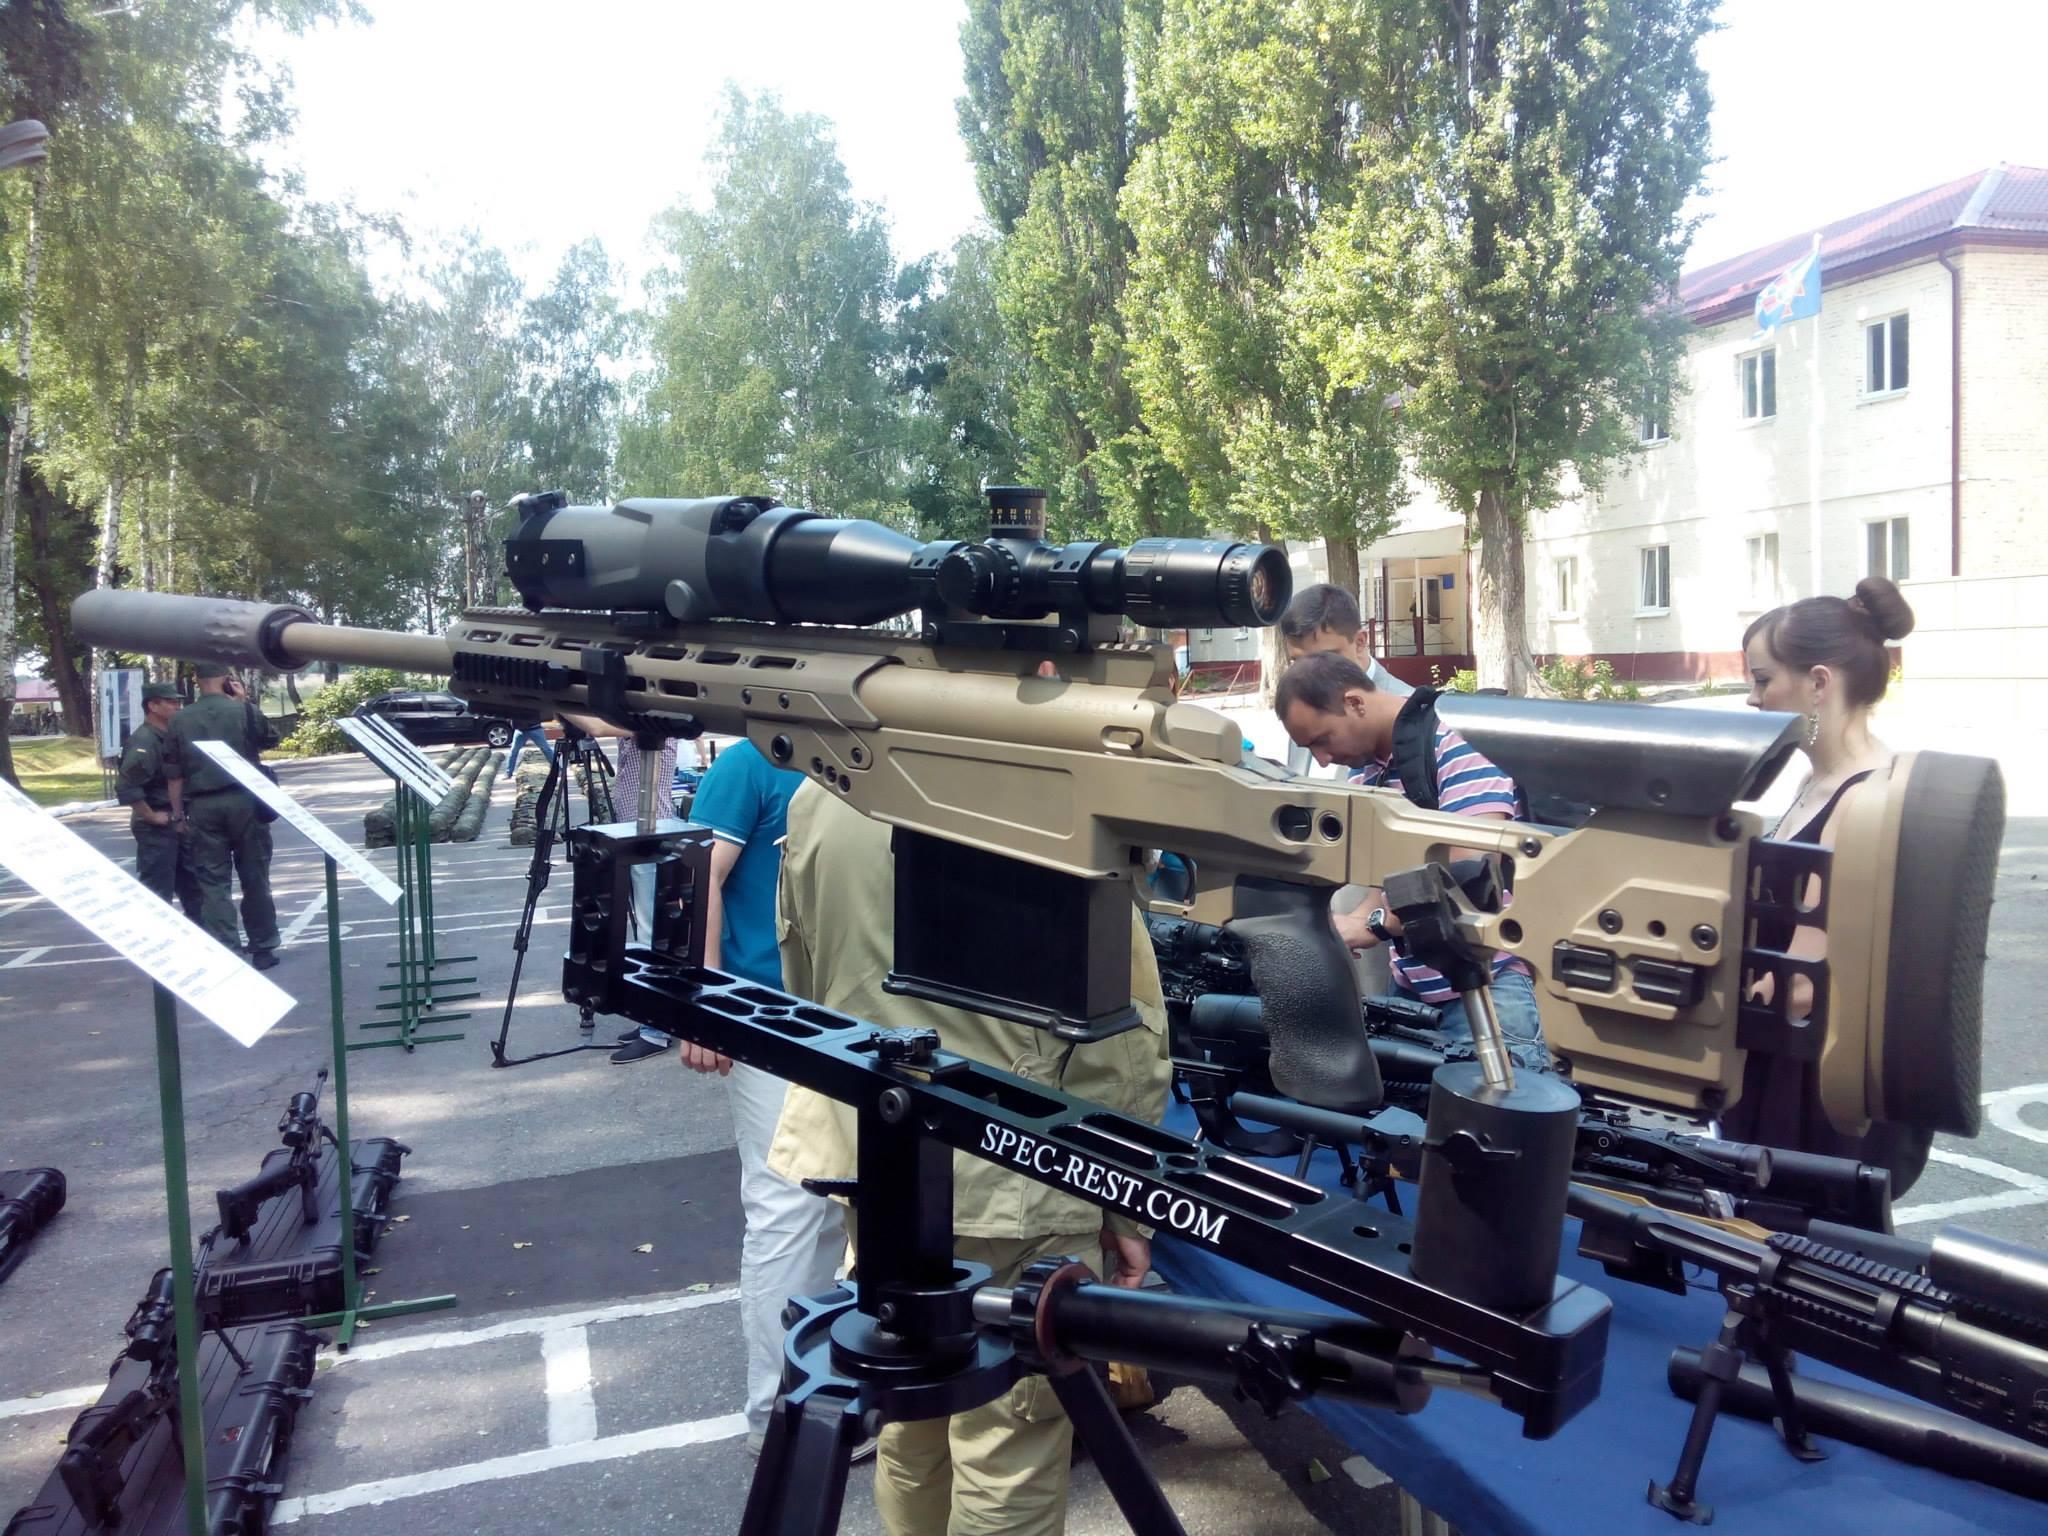 Такая винтовка попадает в цель на расстоянии 1500 метров, а пробить из нее можно броню БТР.